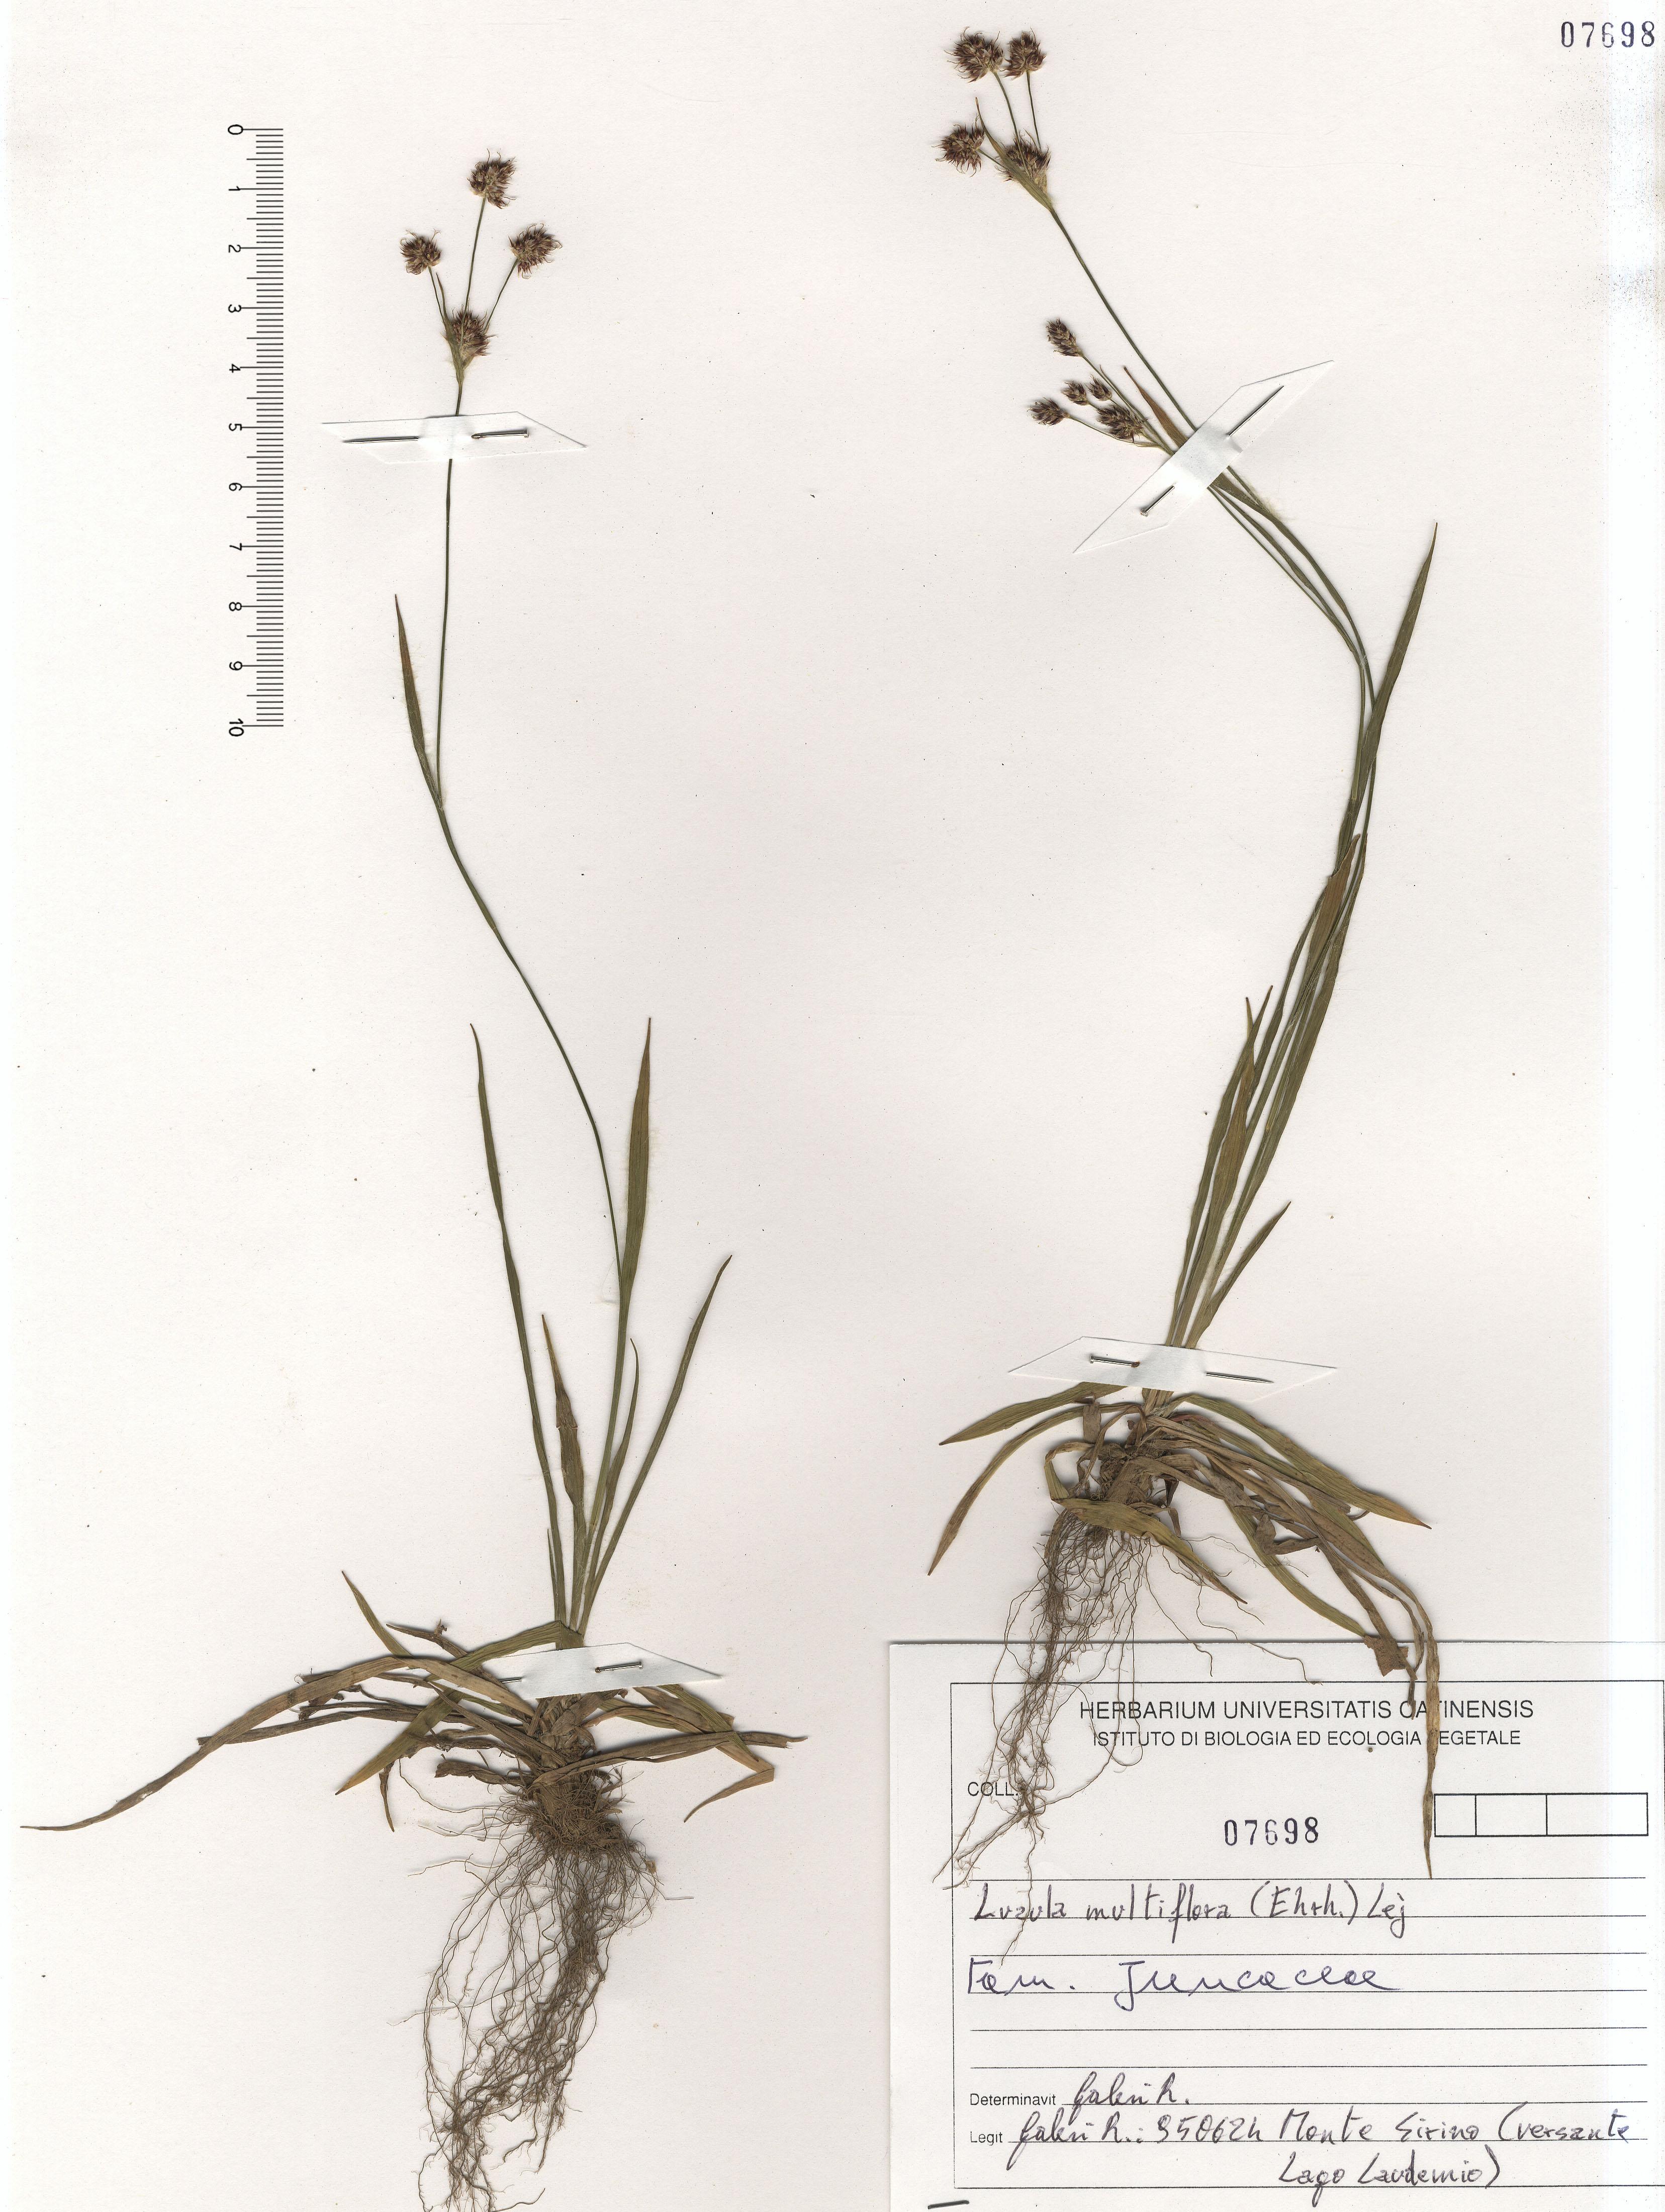 © Hortus Botanicus Catinensis - Herb. sheet 107698<br>